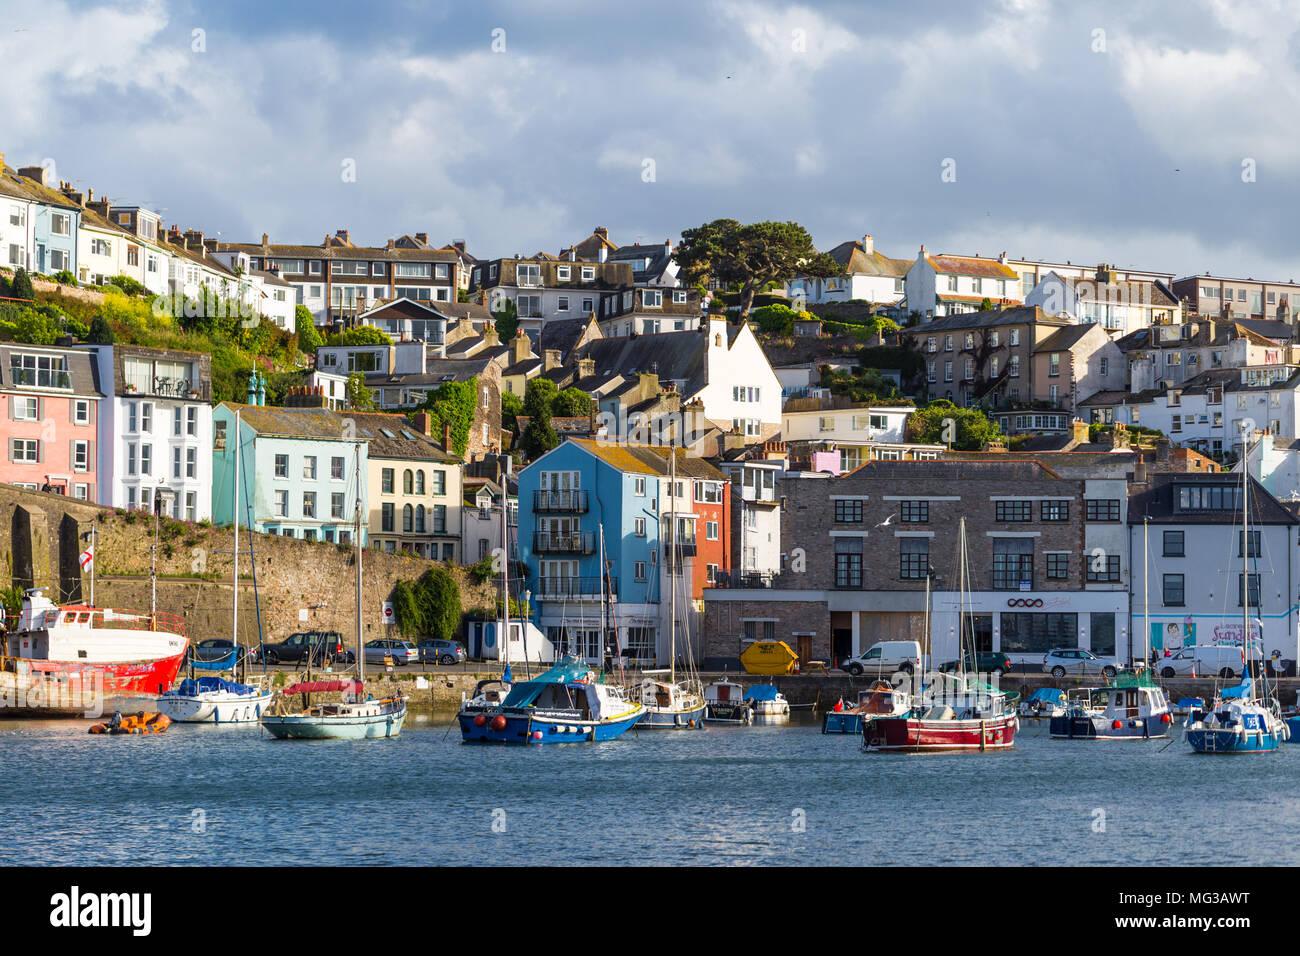 Brixham Harbour, littoral, avec des bateaux et des bâtiments colorés, au Royaume-Uni, Angleterre Photo Stock